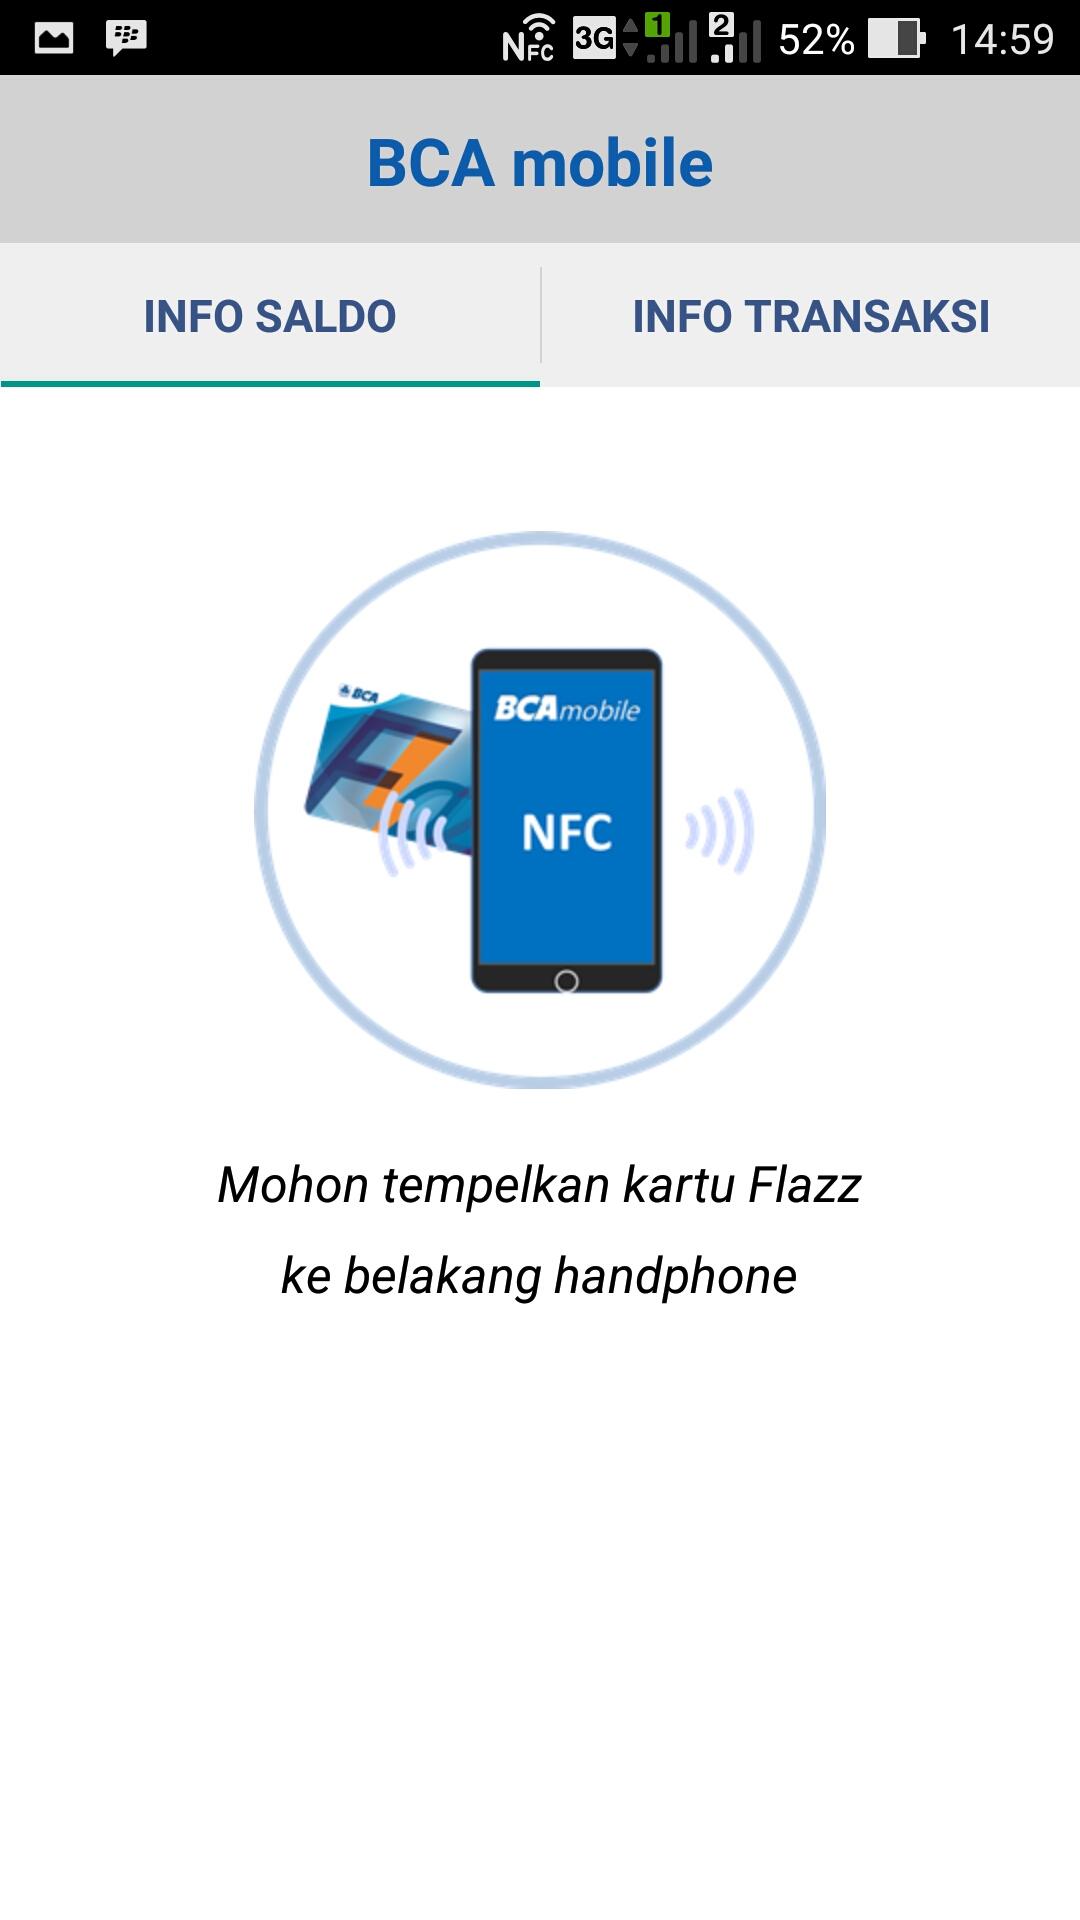 Cek Saldo Kartu Flazz Melalui Aplikasi Bca Mobile Di Asus Zenfone 2 Card Image